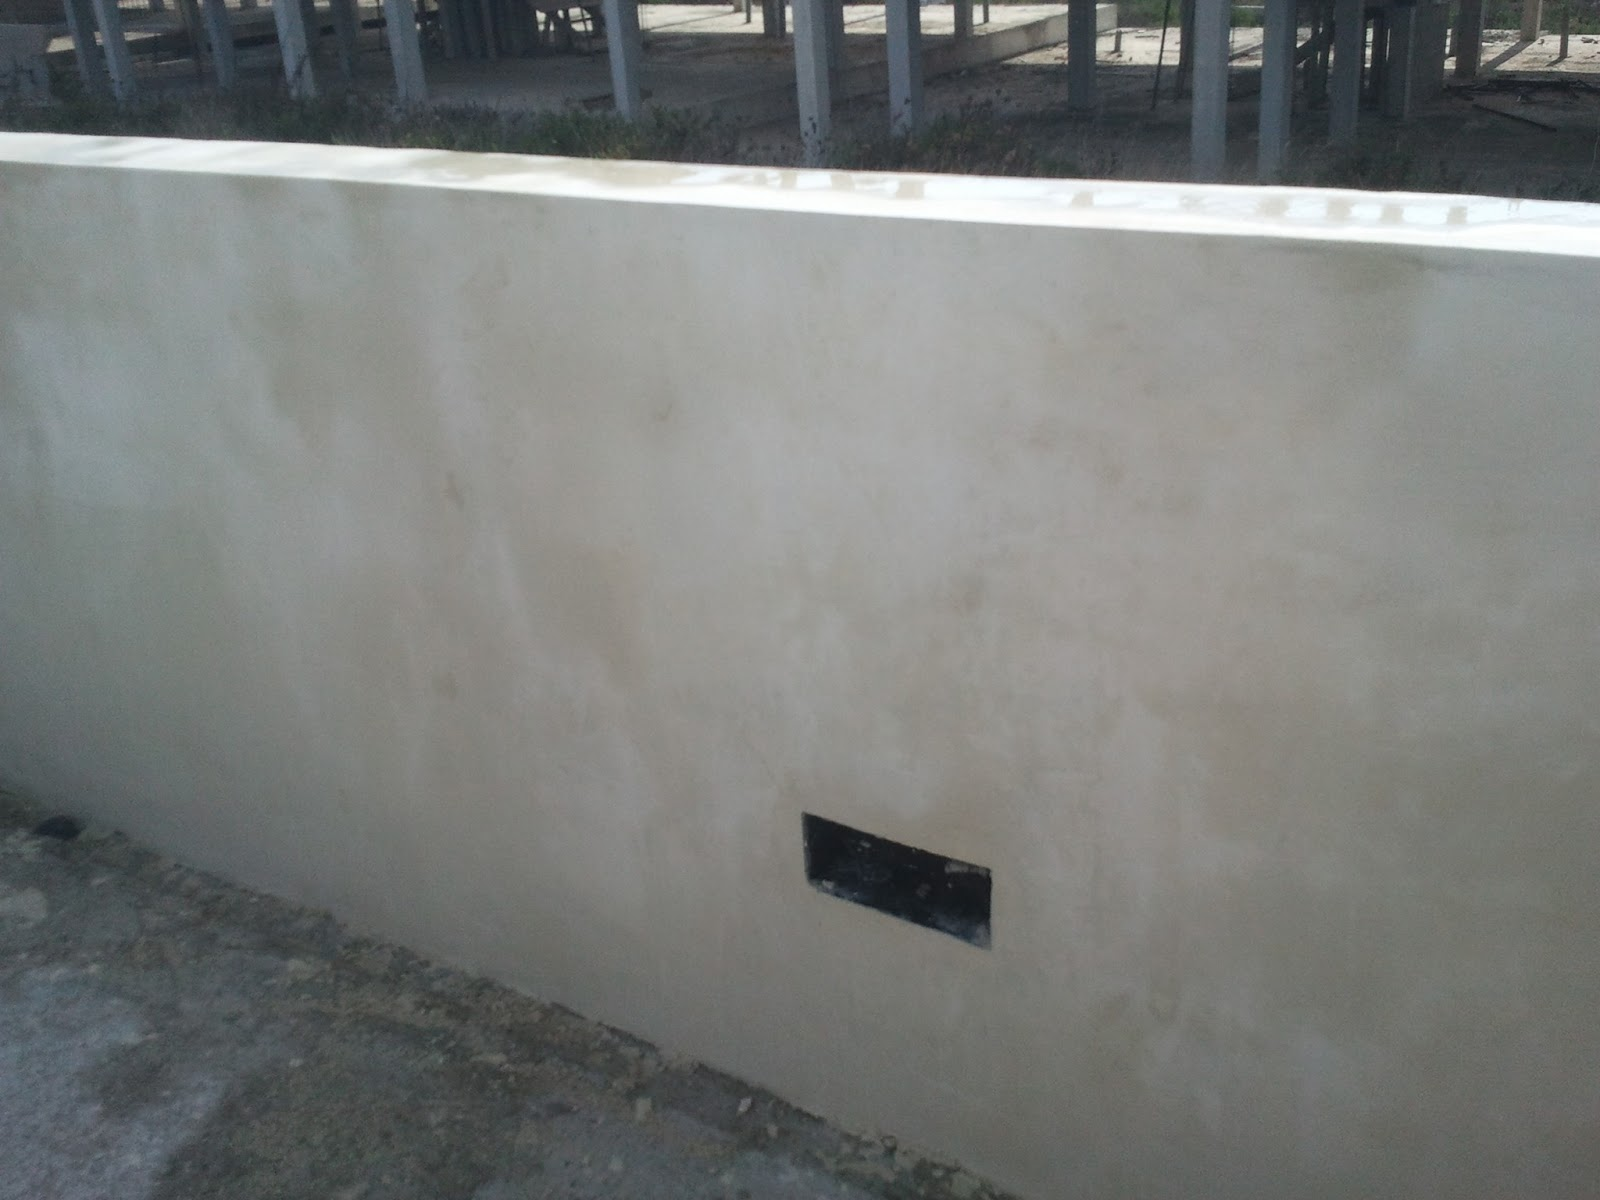 Reformas julio camarena reforma terraza - Pared cemento pulido ...